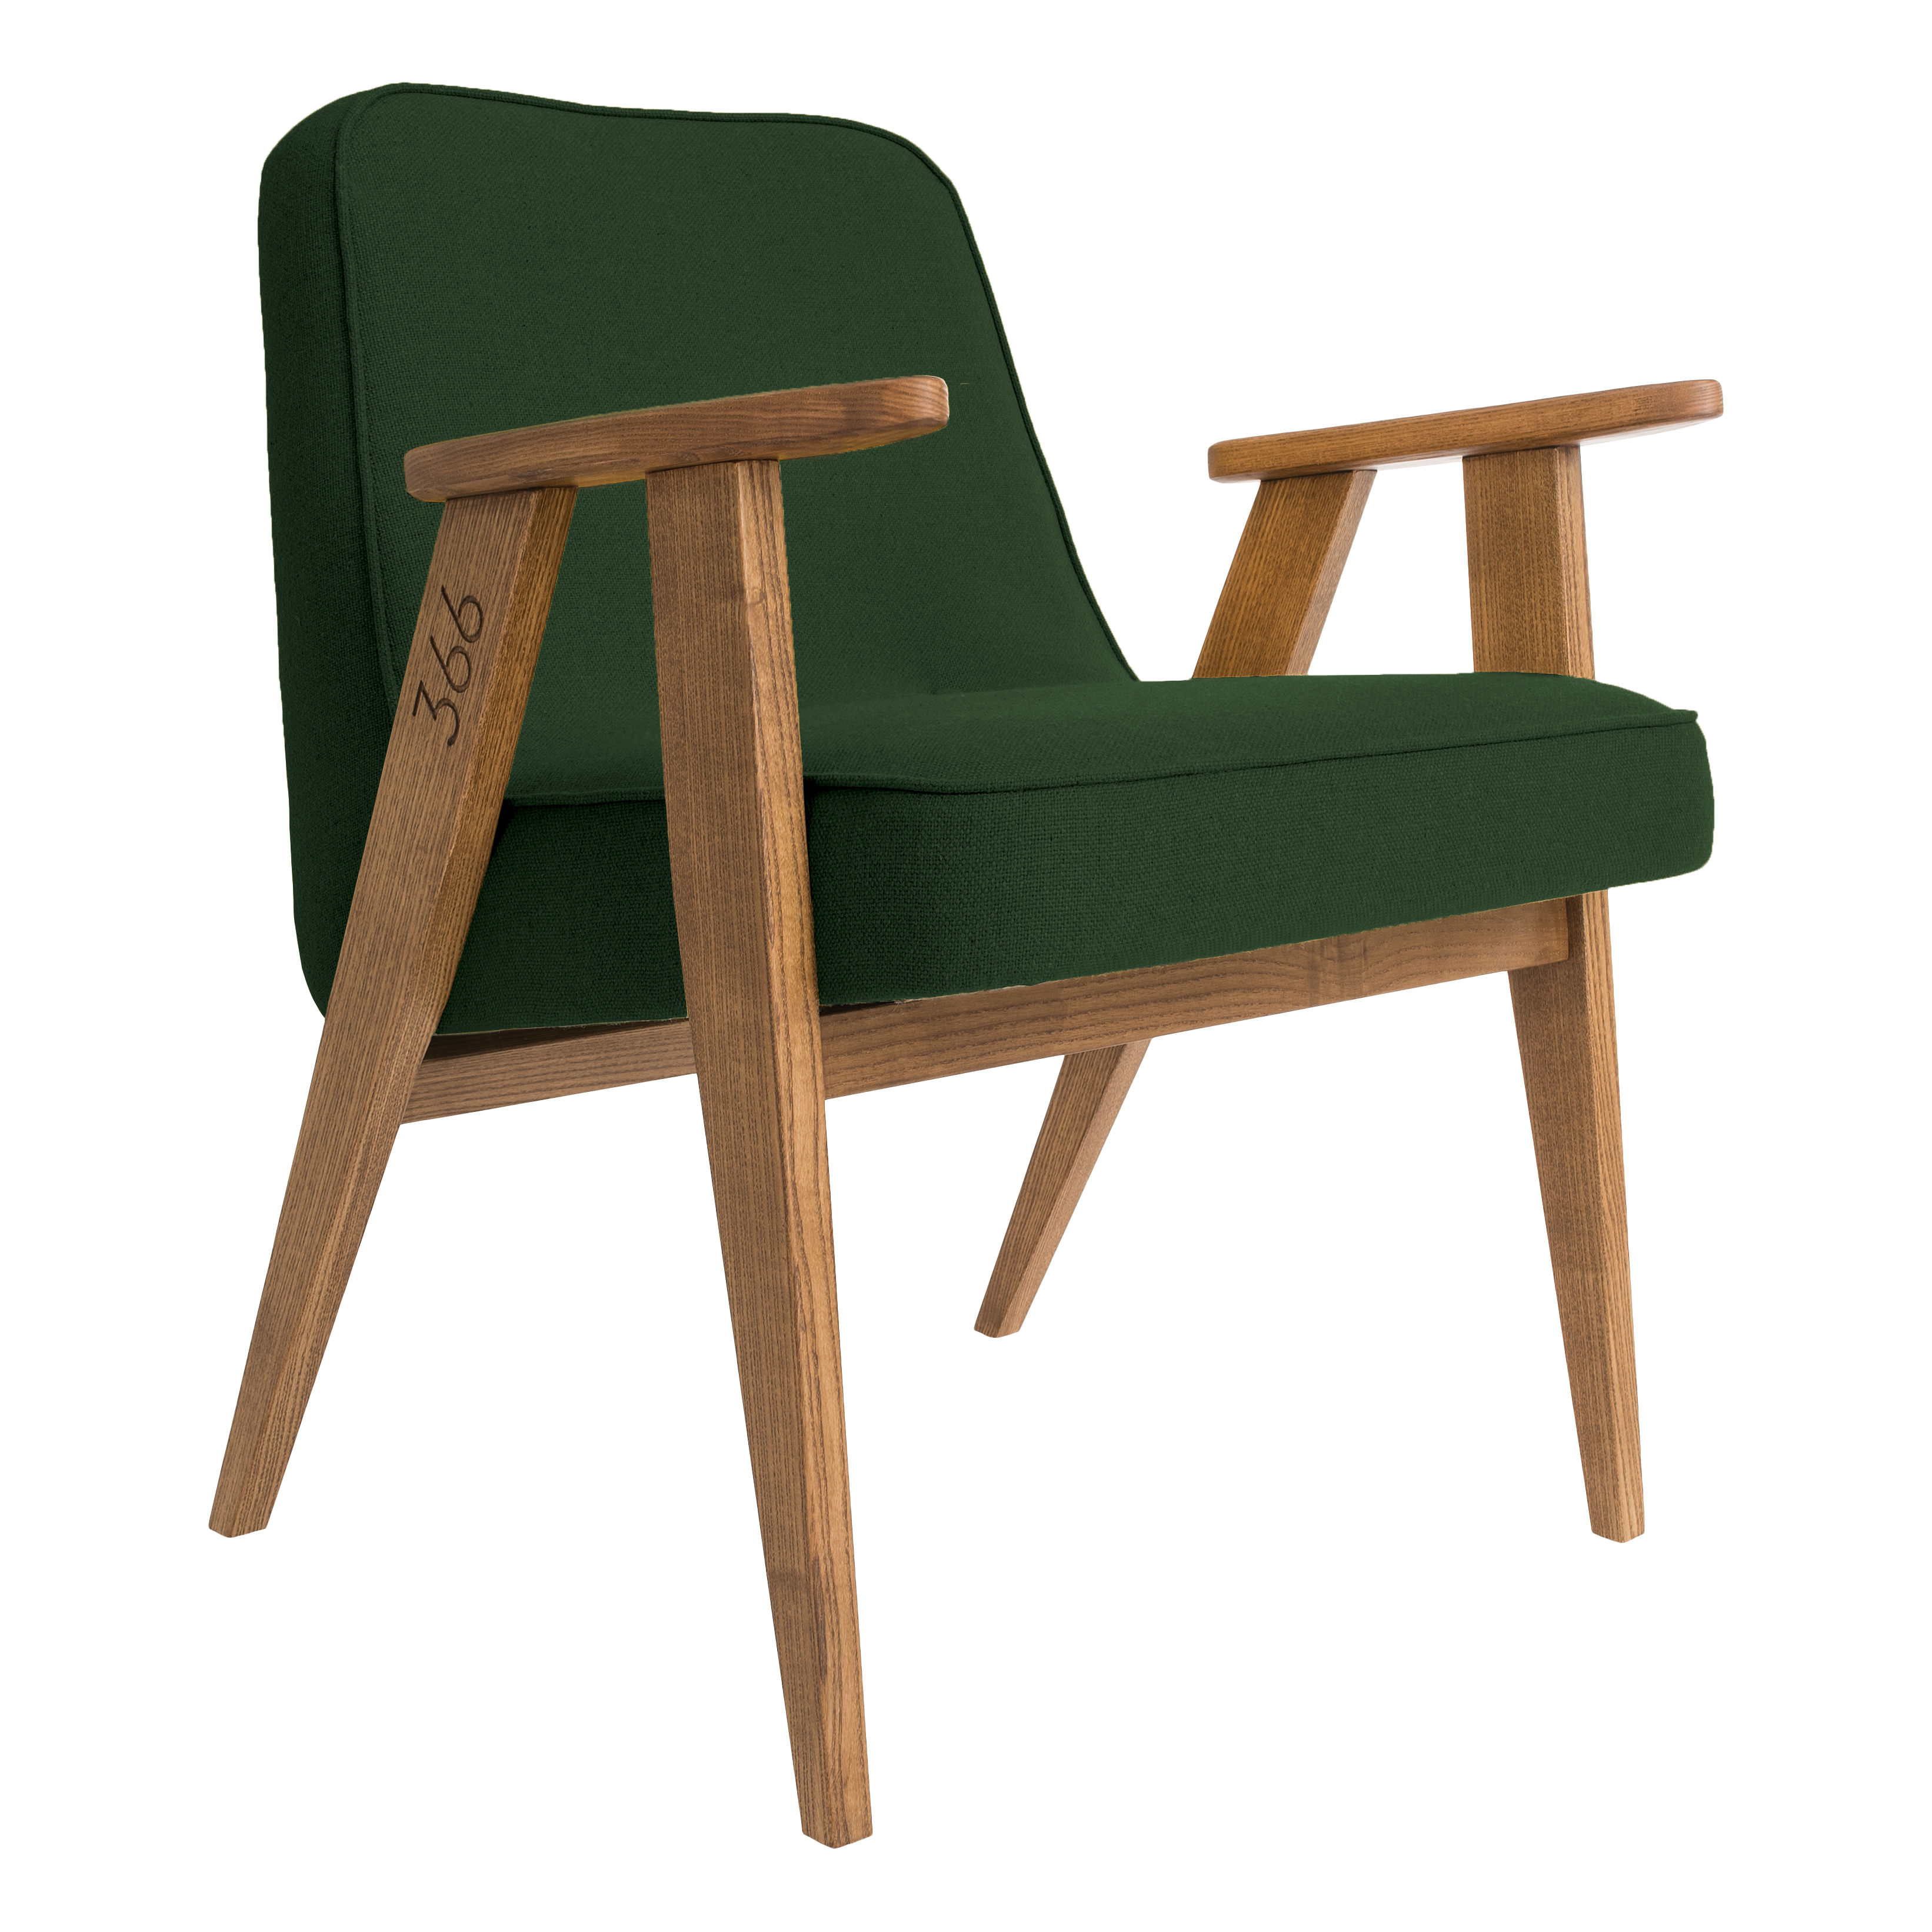 366_Concept_-_366_easy_chair_-_Wool_04_Bottle Green_-_Oak